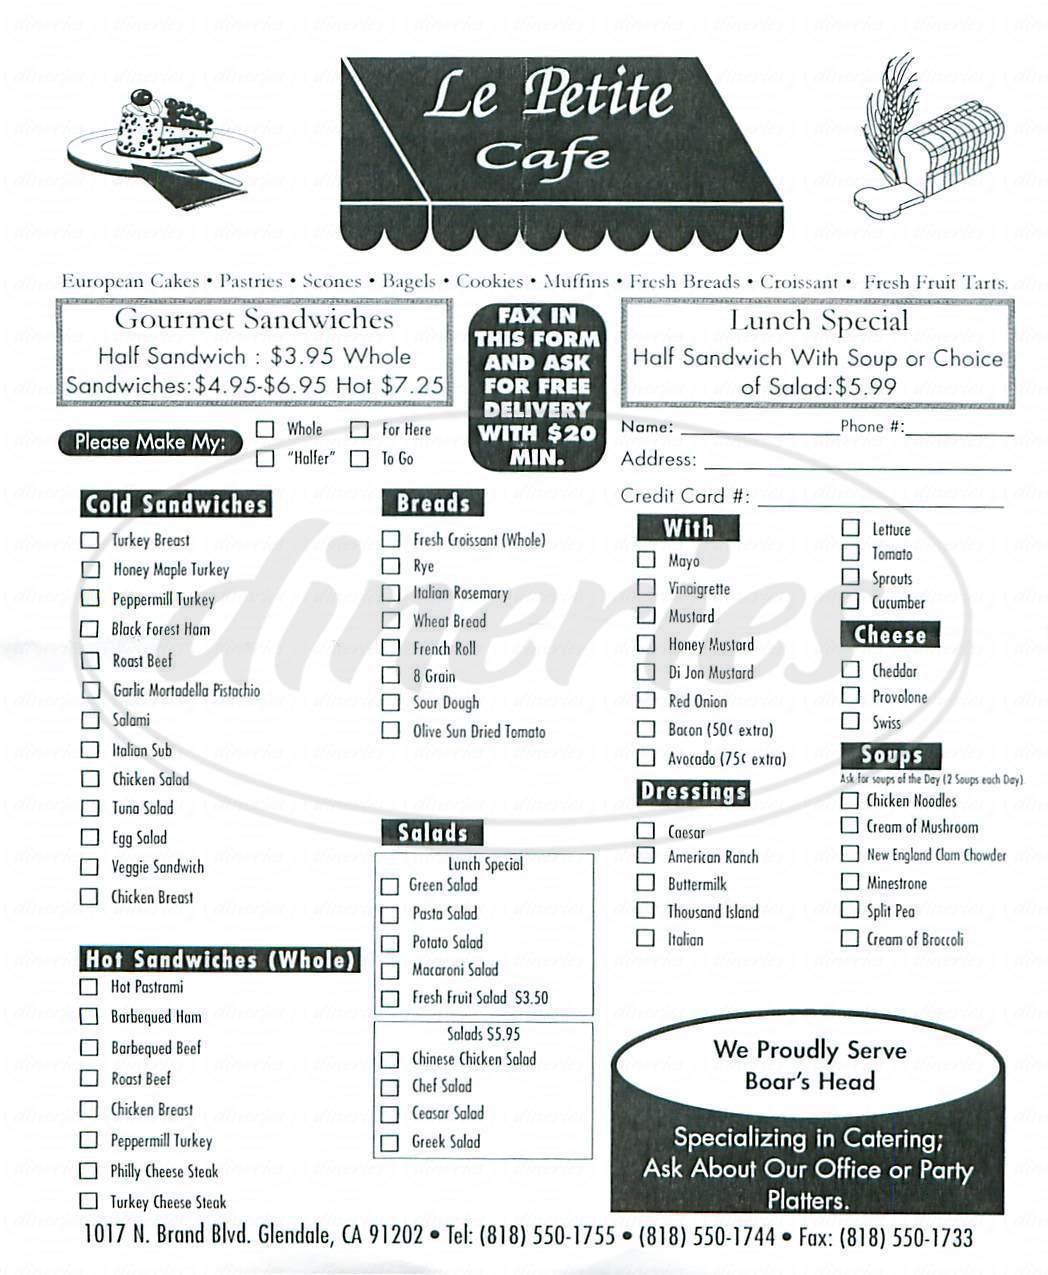 menu for Le Petite Cafe